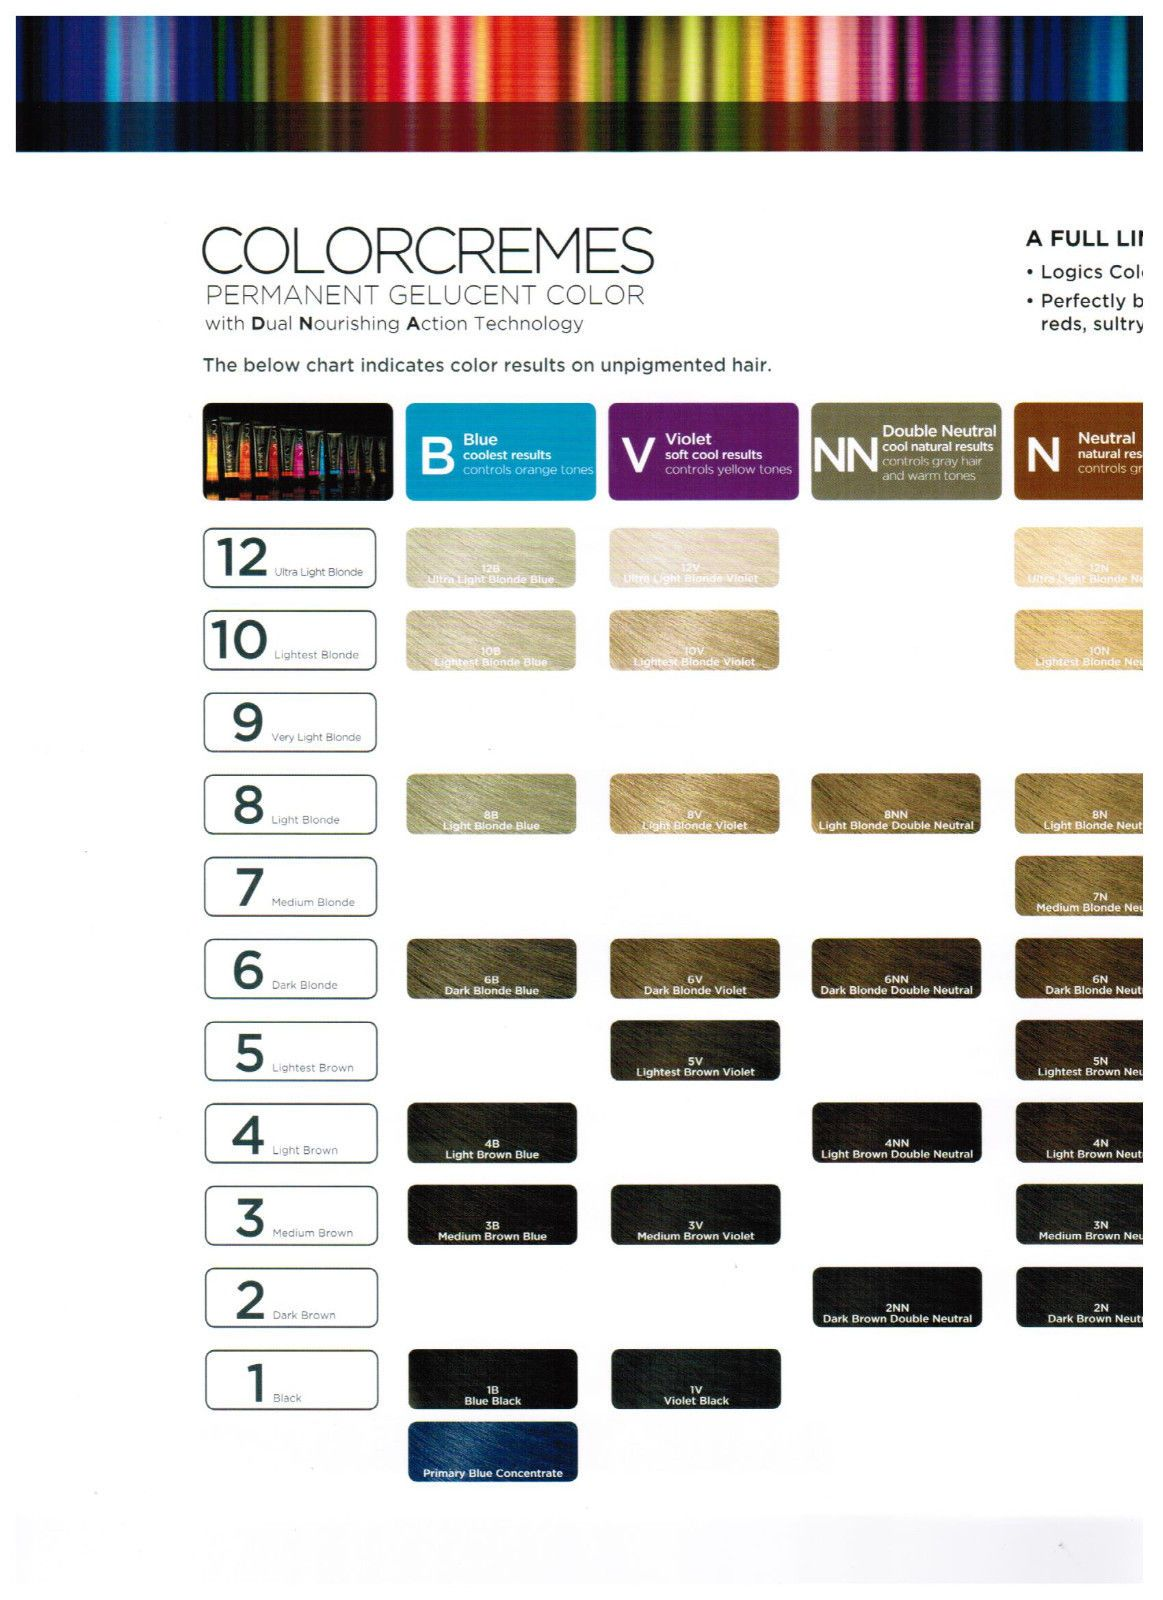 Matrix Logics Color Dna 1 Paper Color Chart Hair Color Chart Redken Hair Color Chart Kenra Color